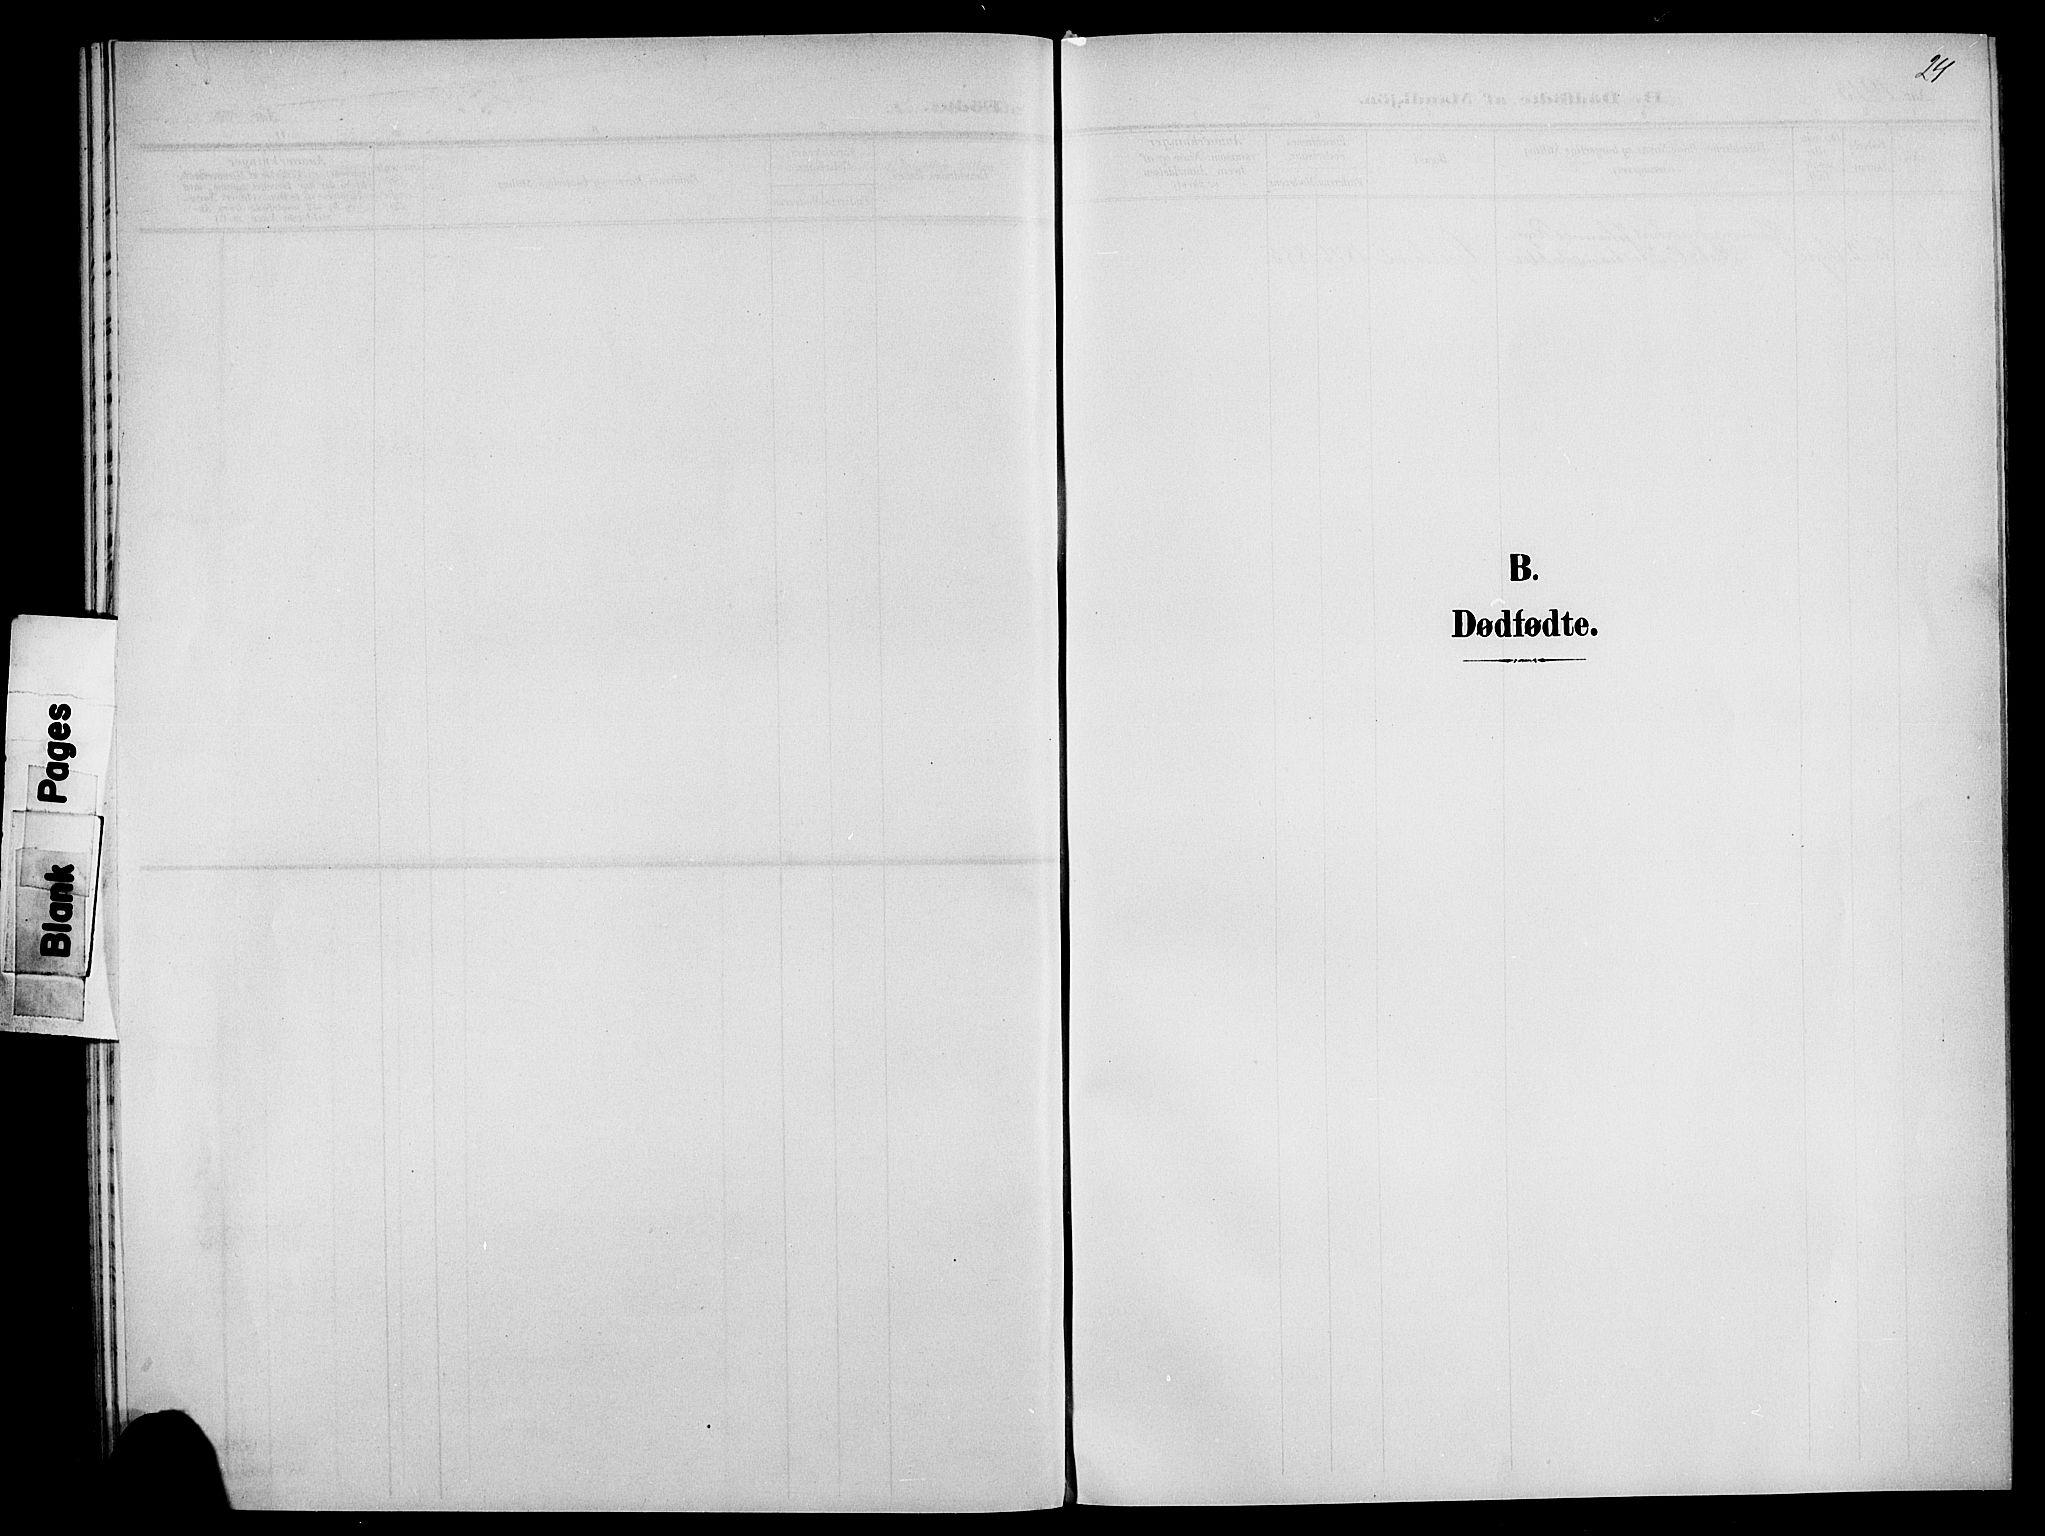 SAB, Førde Sokneprestembete, H/Hab: Klokkerbok nr. B 1, 1904-1924, s. 24